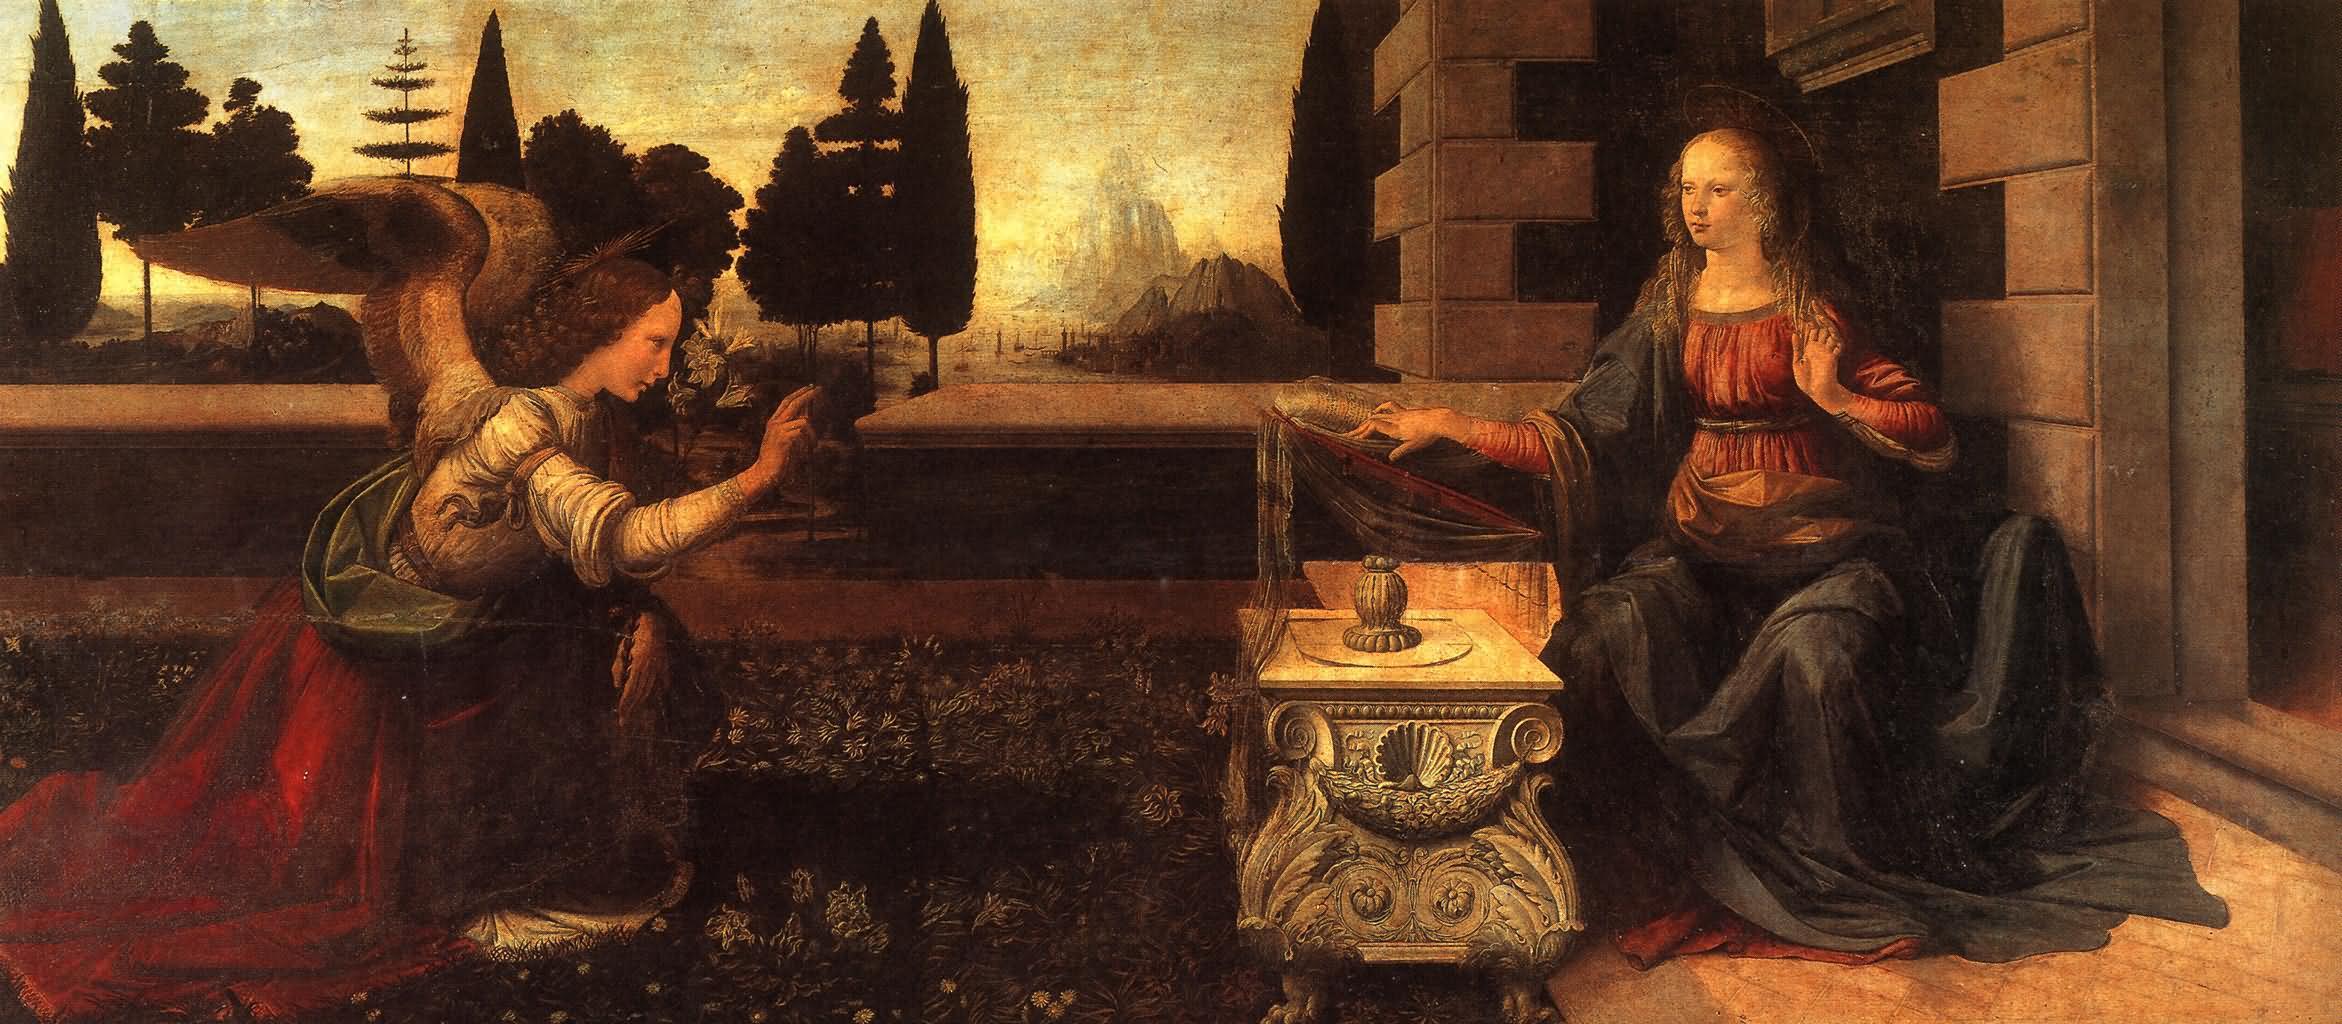 受胎告知 意大利 达芬奇 意大利,佛罗伦斯,乌菲兹美术馆藏